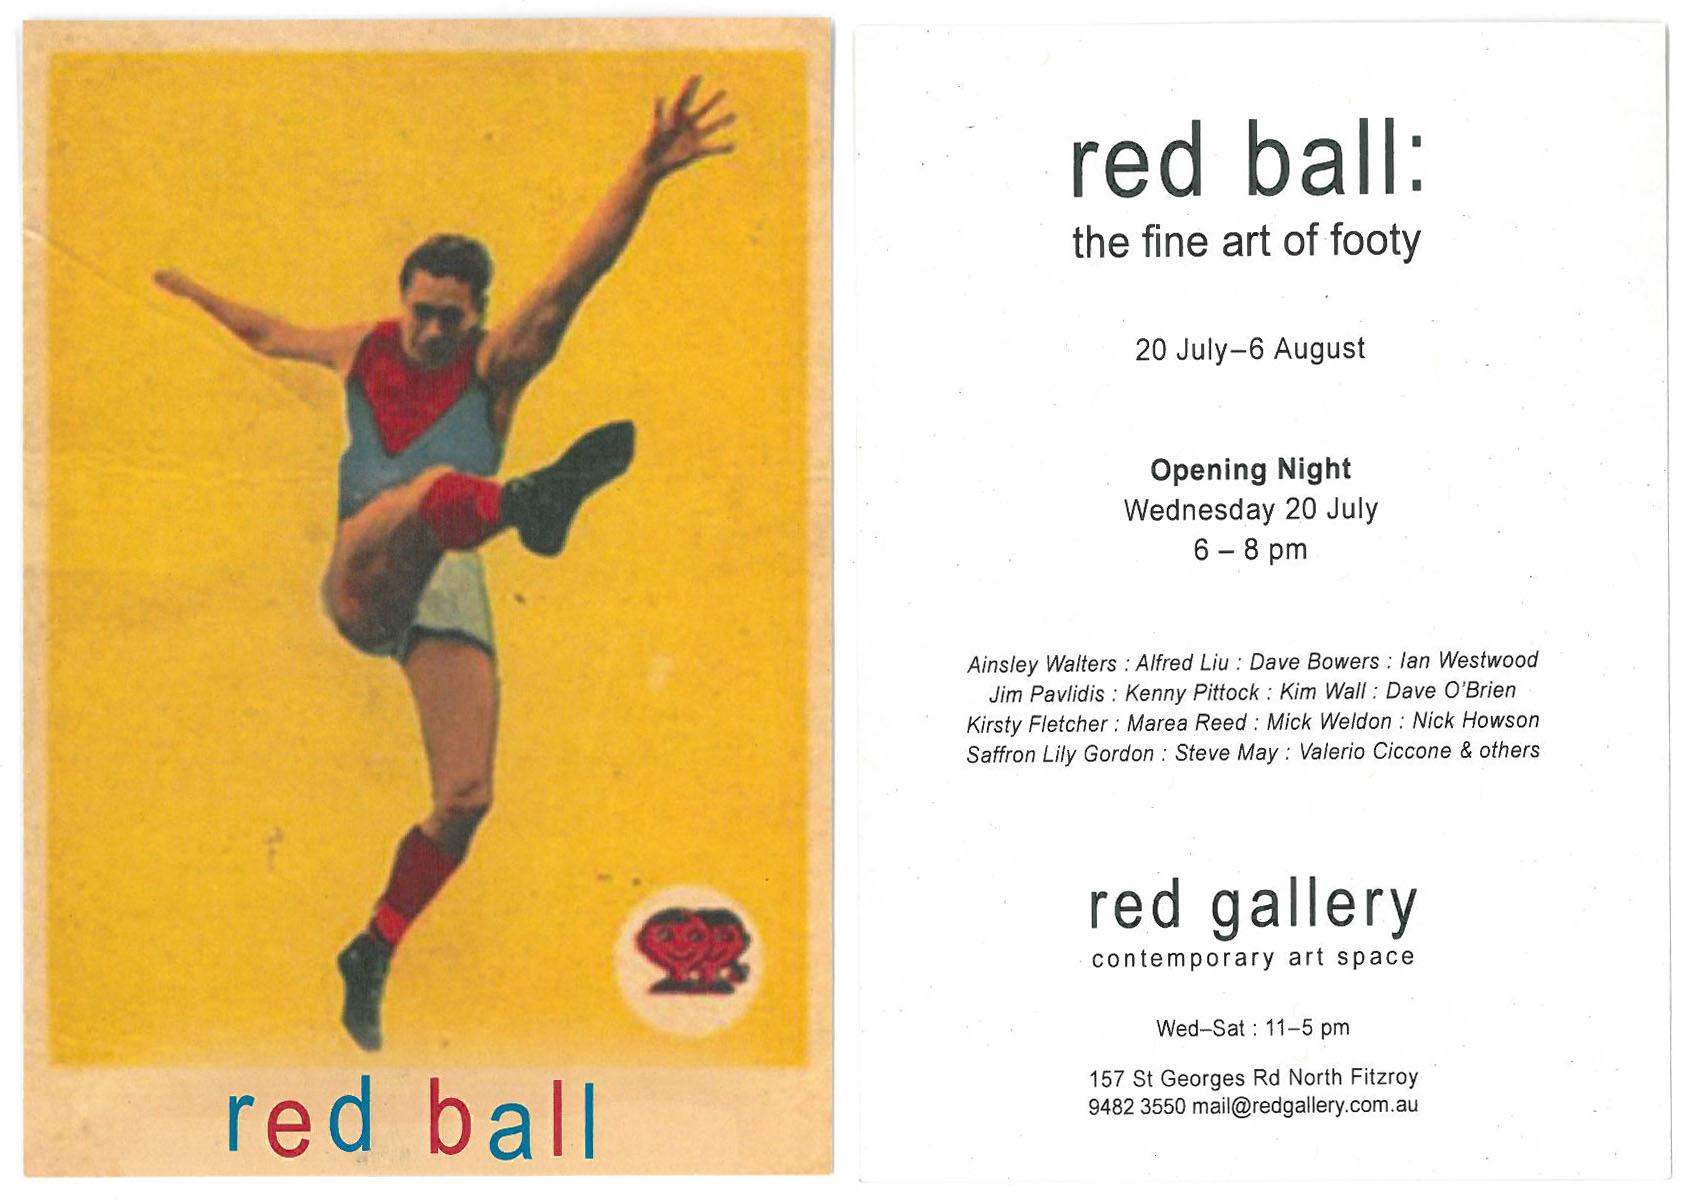 Red ball invite